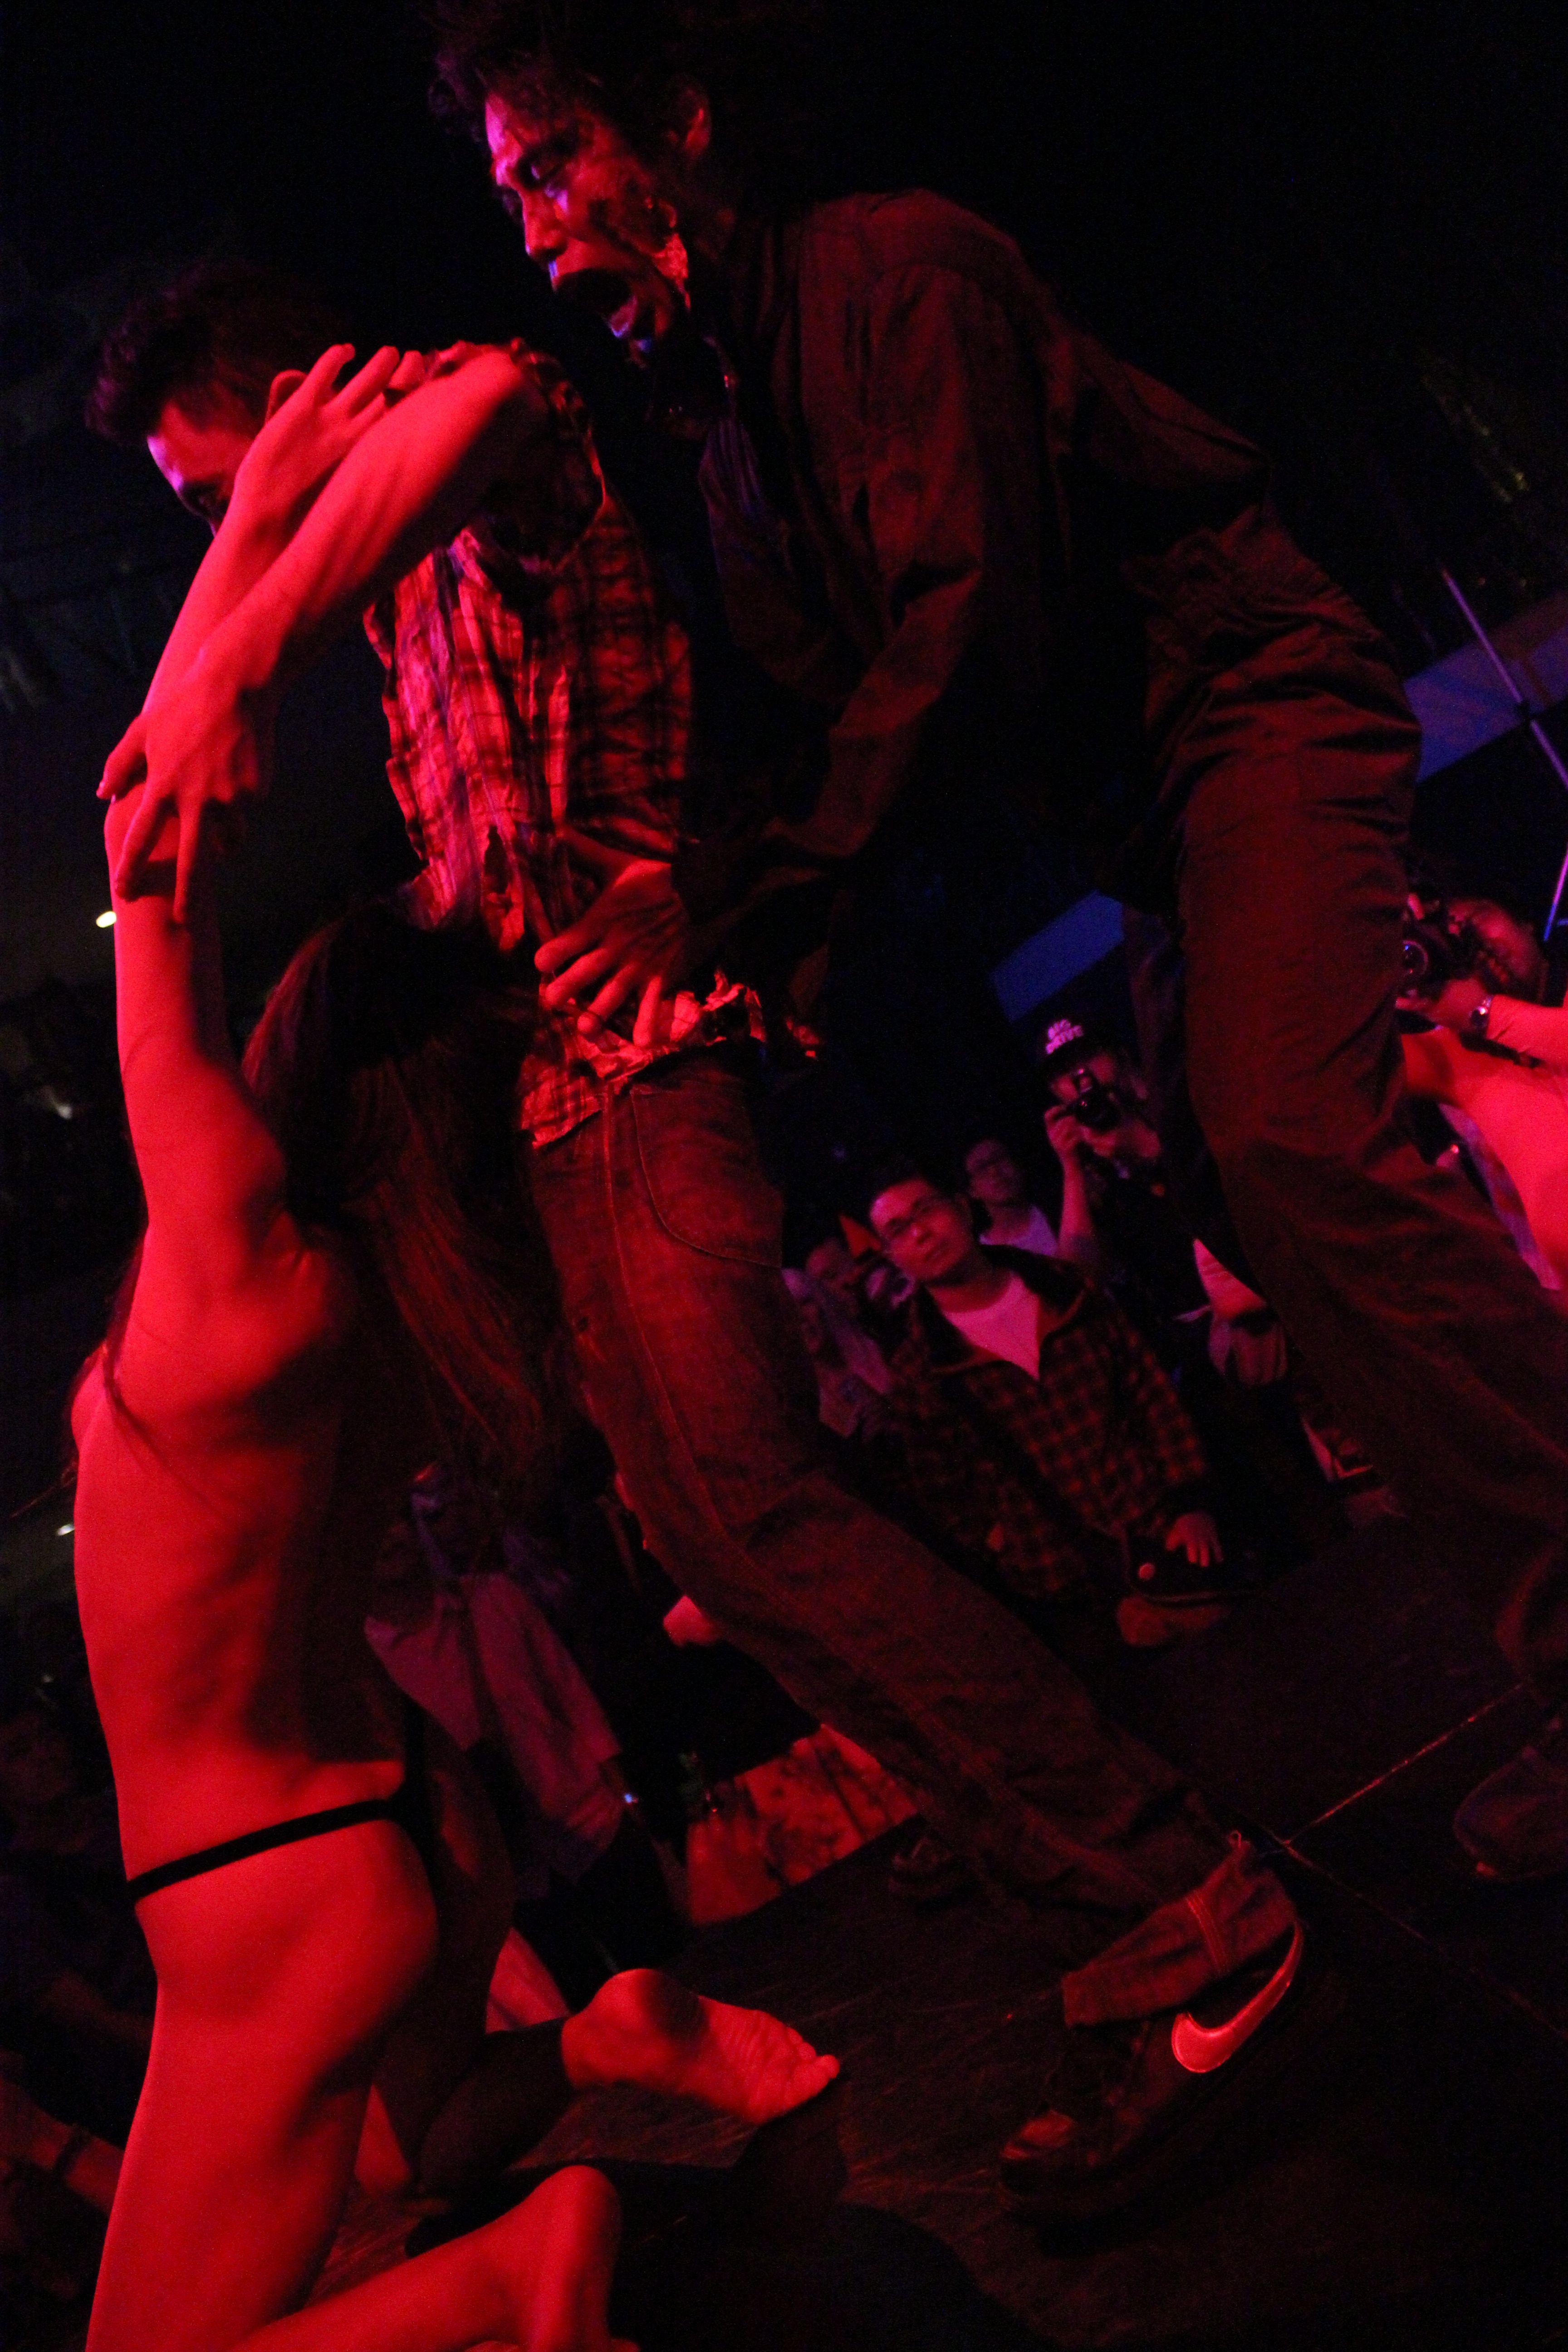 デパートメントH 2099@鶯谷東京キネマ倶楽部 2014年11月~1日遅れのハロウィンパーティーで 「Trick or Treat?」